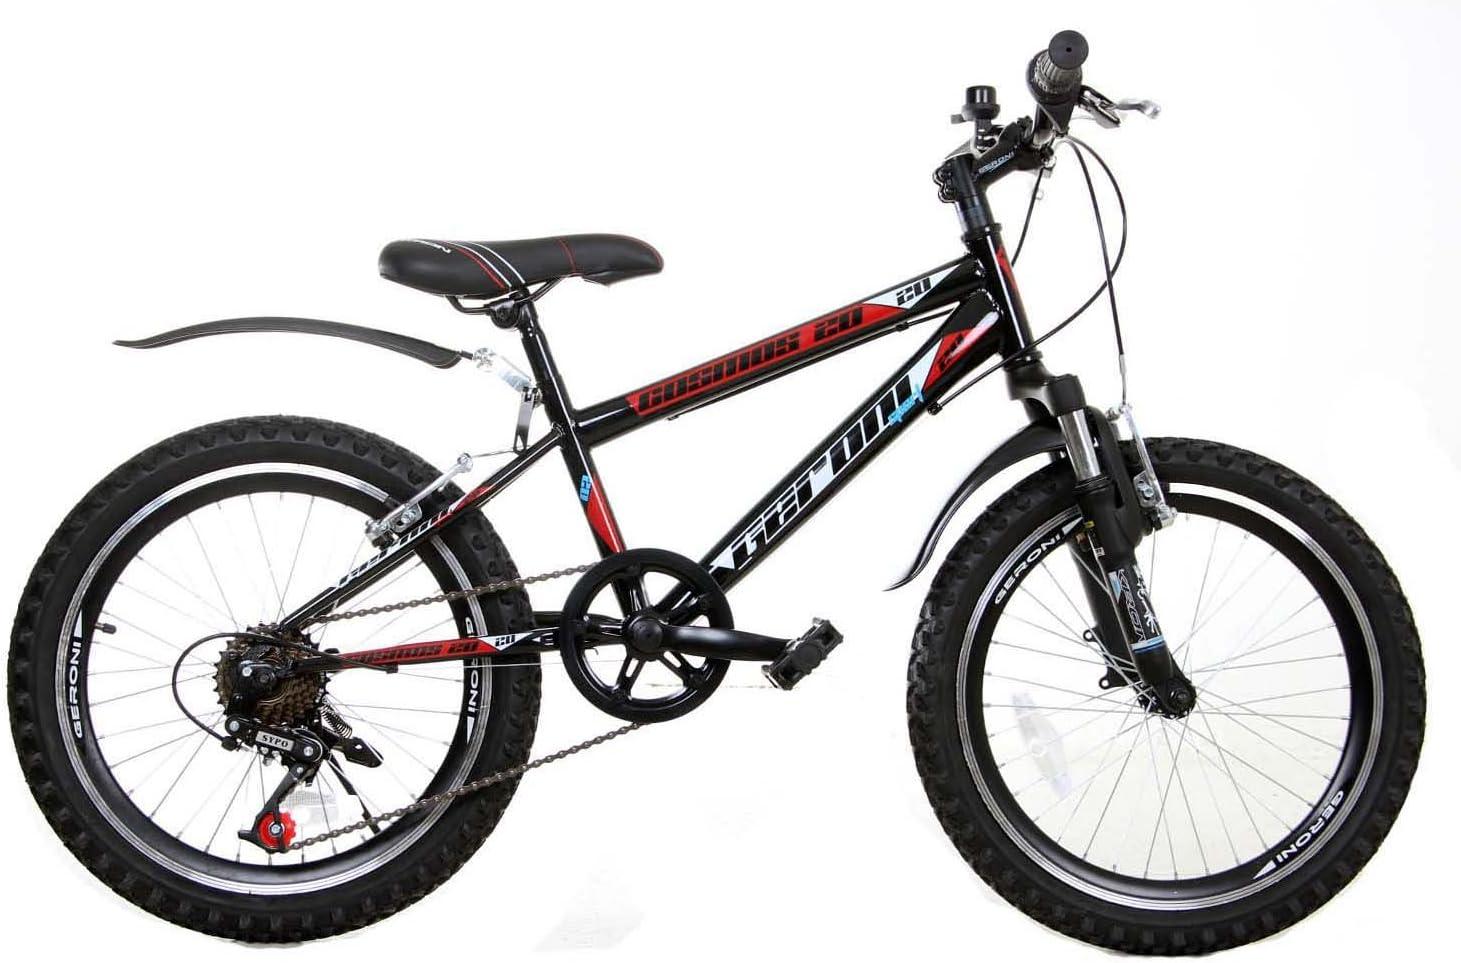 Cosmos 24 pulgadas bicicleta bicicleta de montaña de 21 velocidades Shimano Negro de color rojo: Amazon.es: Deportes y aire libre